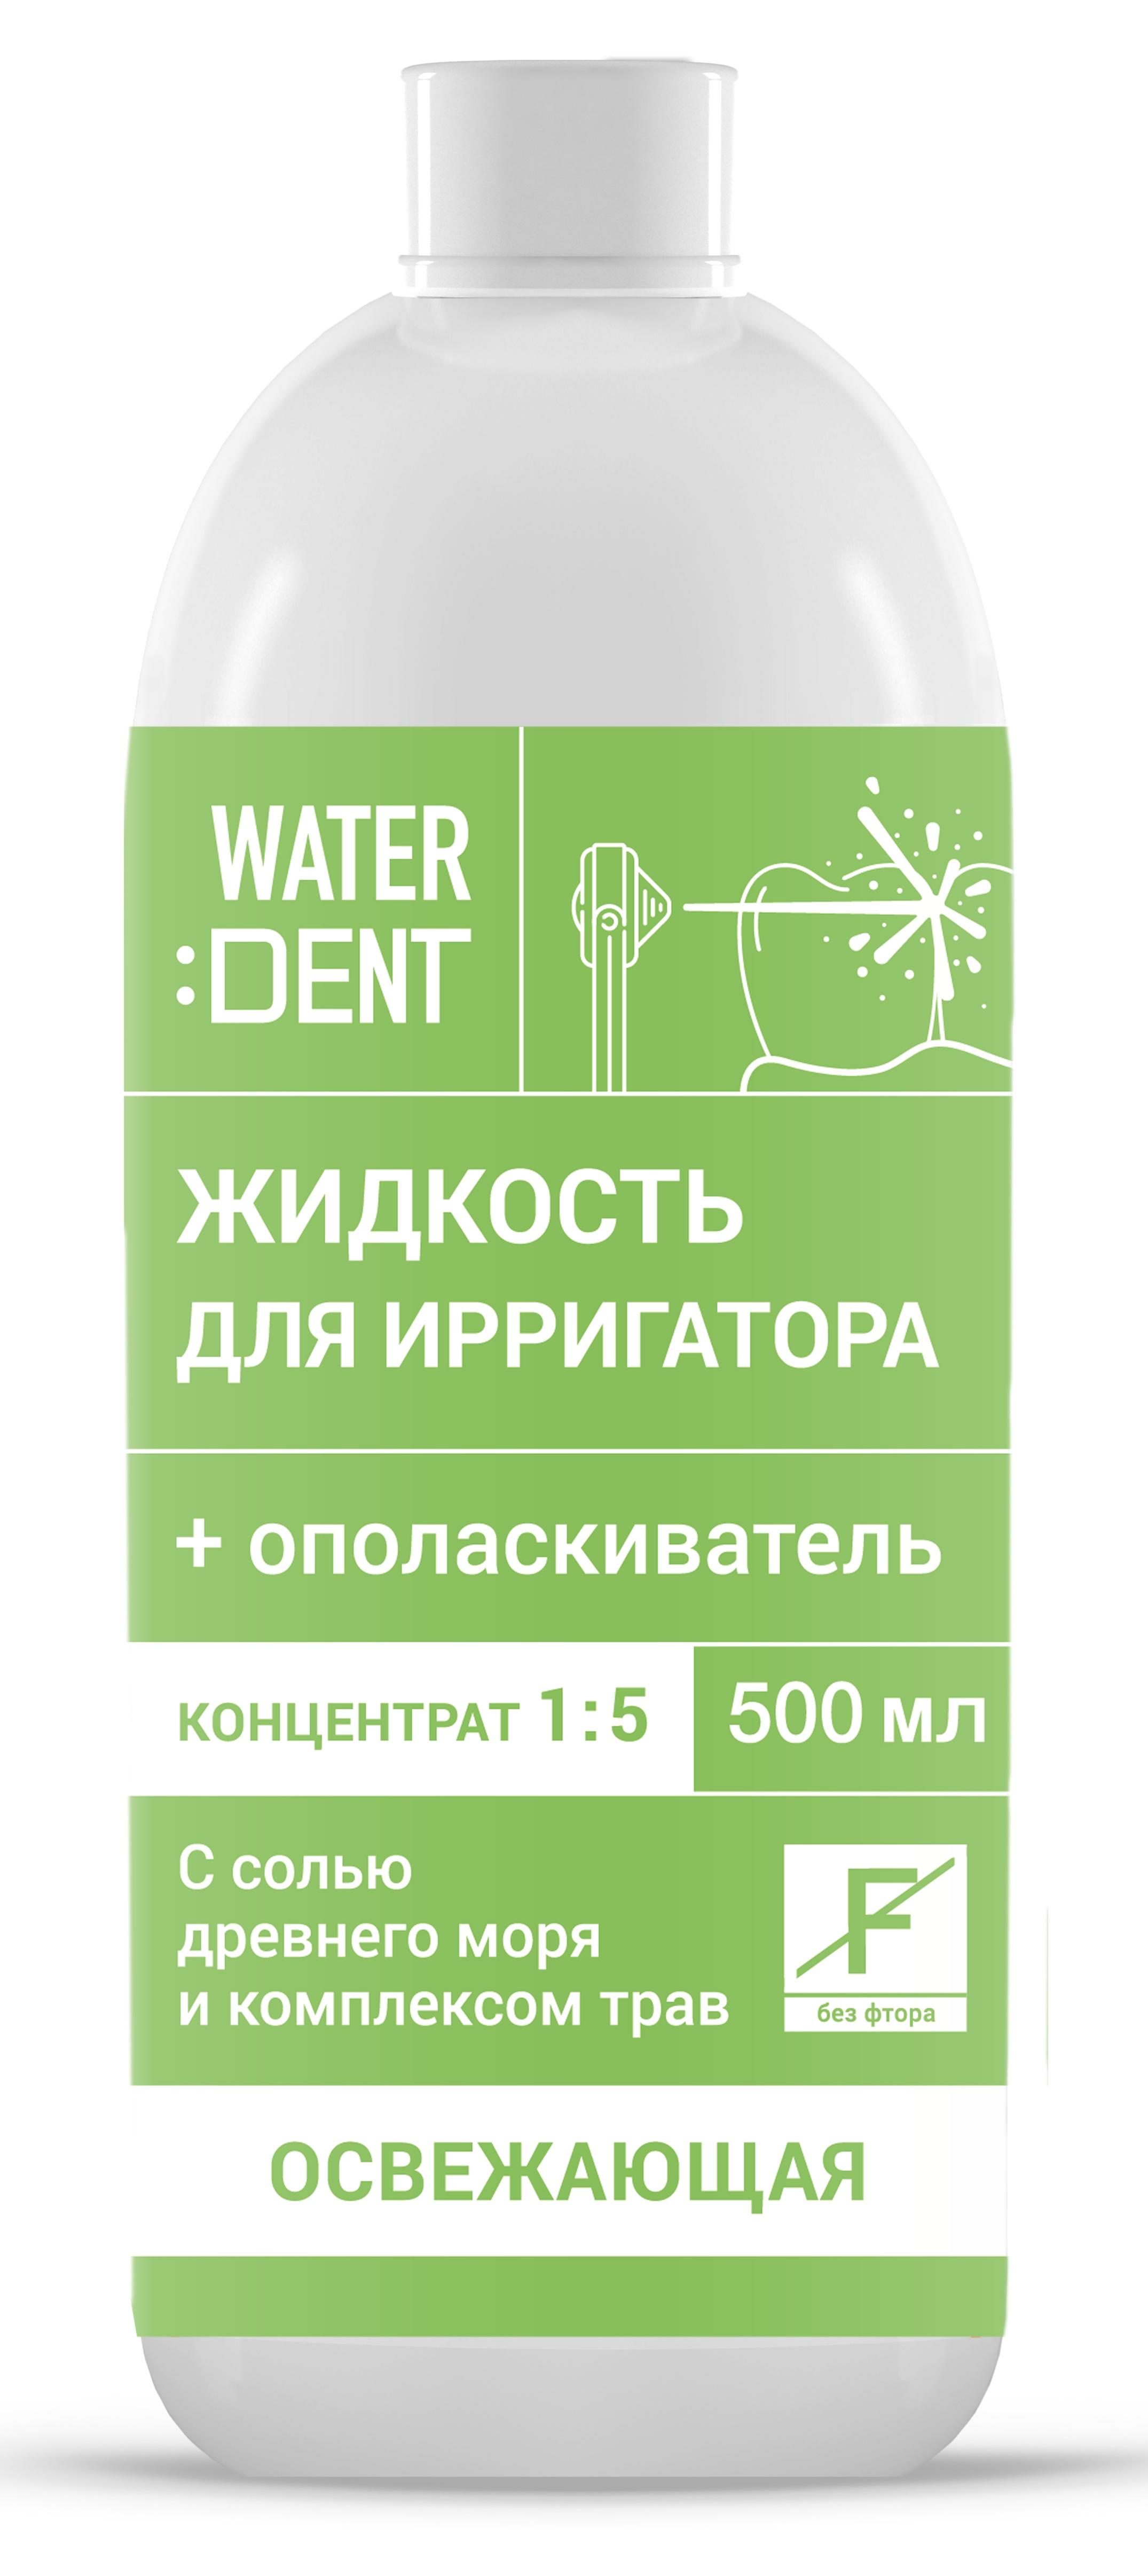 WATERDENT Жидкость для ирригатора, фитокомплекс без фтора (концентрат 1:5) 500 мл